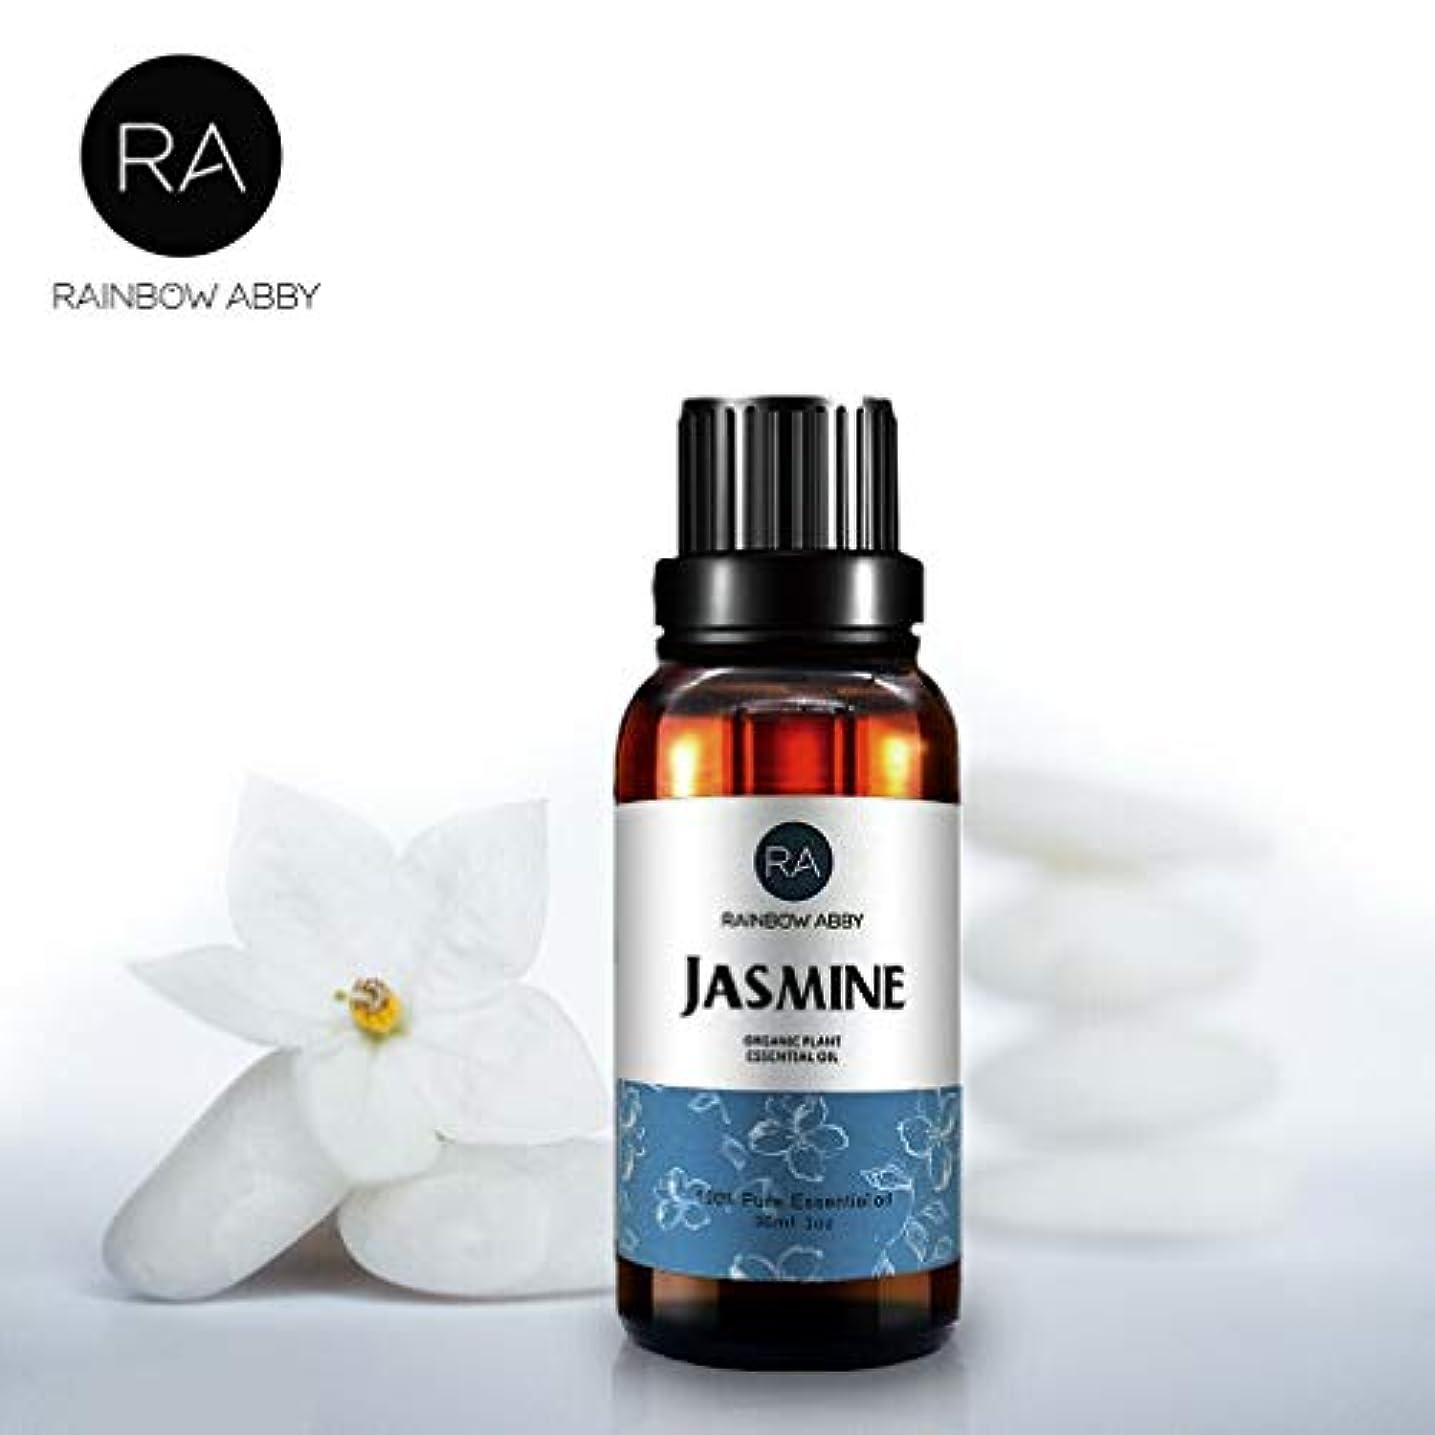 ダイエット浴吸収剤RAINBOW ABBY ジャスミン エッセンシャル オイル ディフューザー アロマ セラピー オイル (30ML/1oz) 100% ピュアオーガニック 植物 エキス オイル